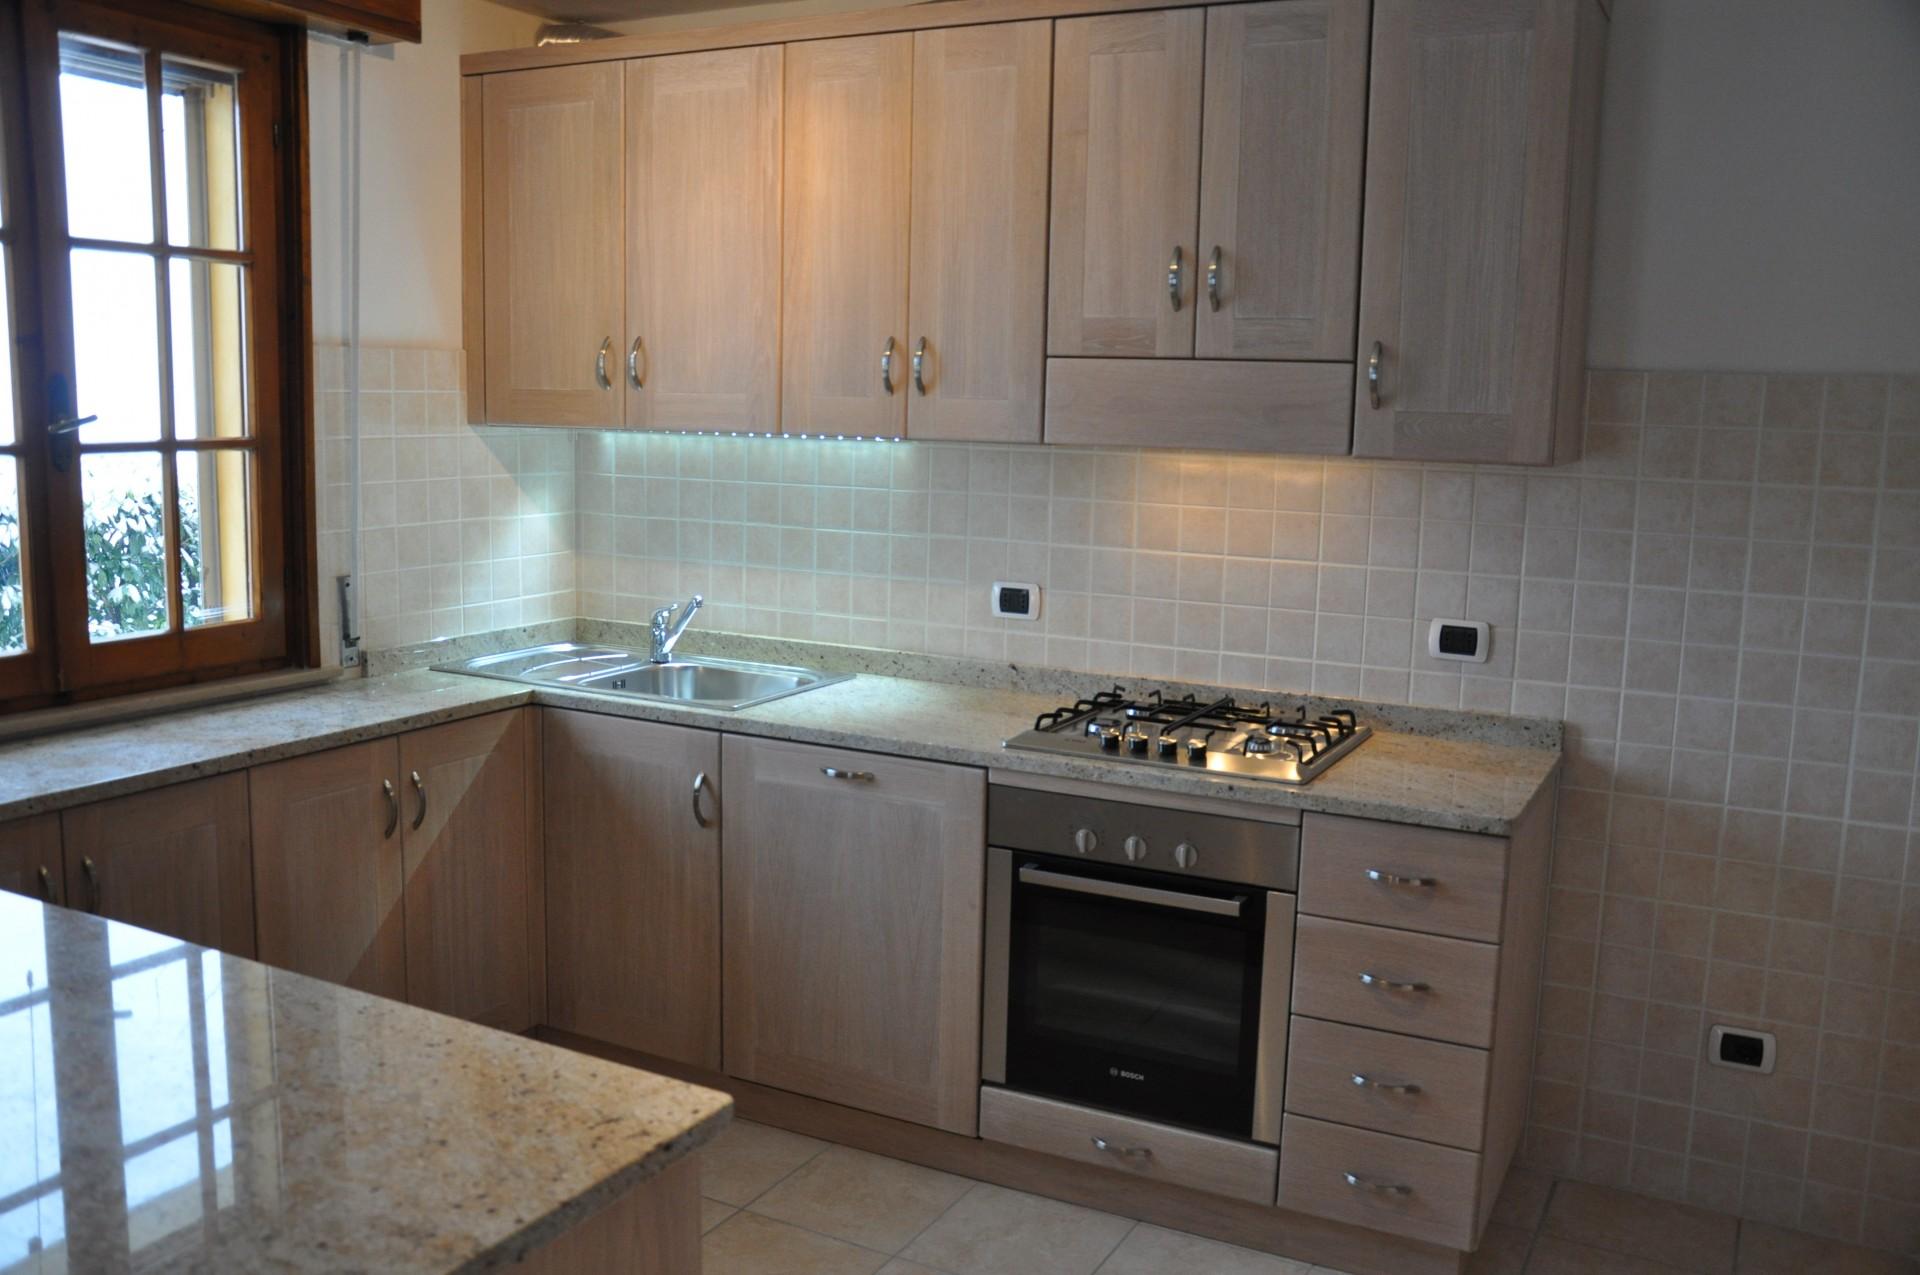 Cucine Moderne Artigianali In Legno #467E85 1920 1275 Cucine Moderne Ad Angolo Con Finestra